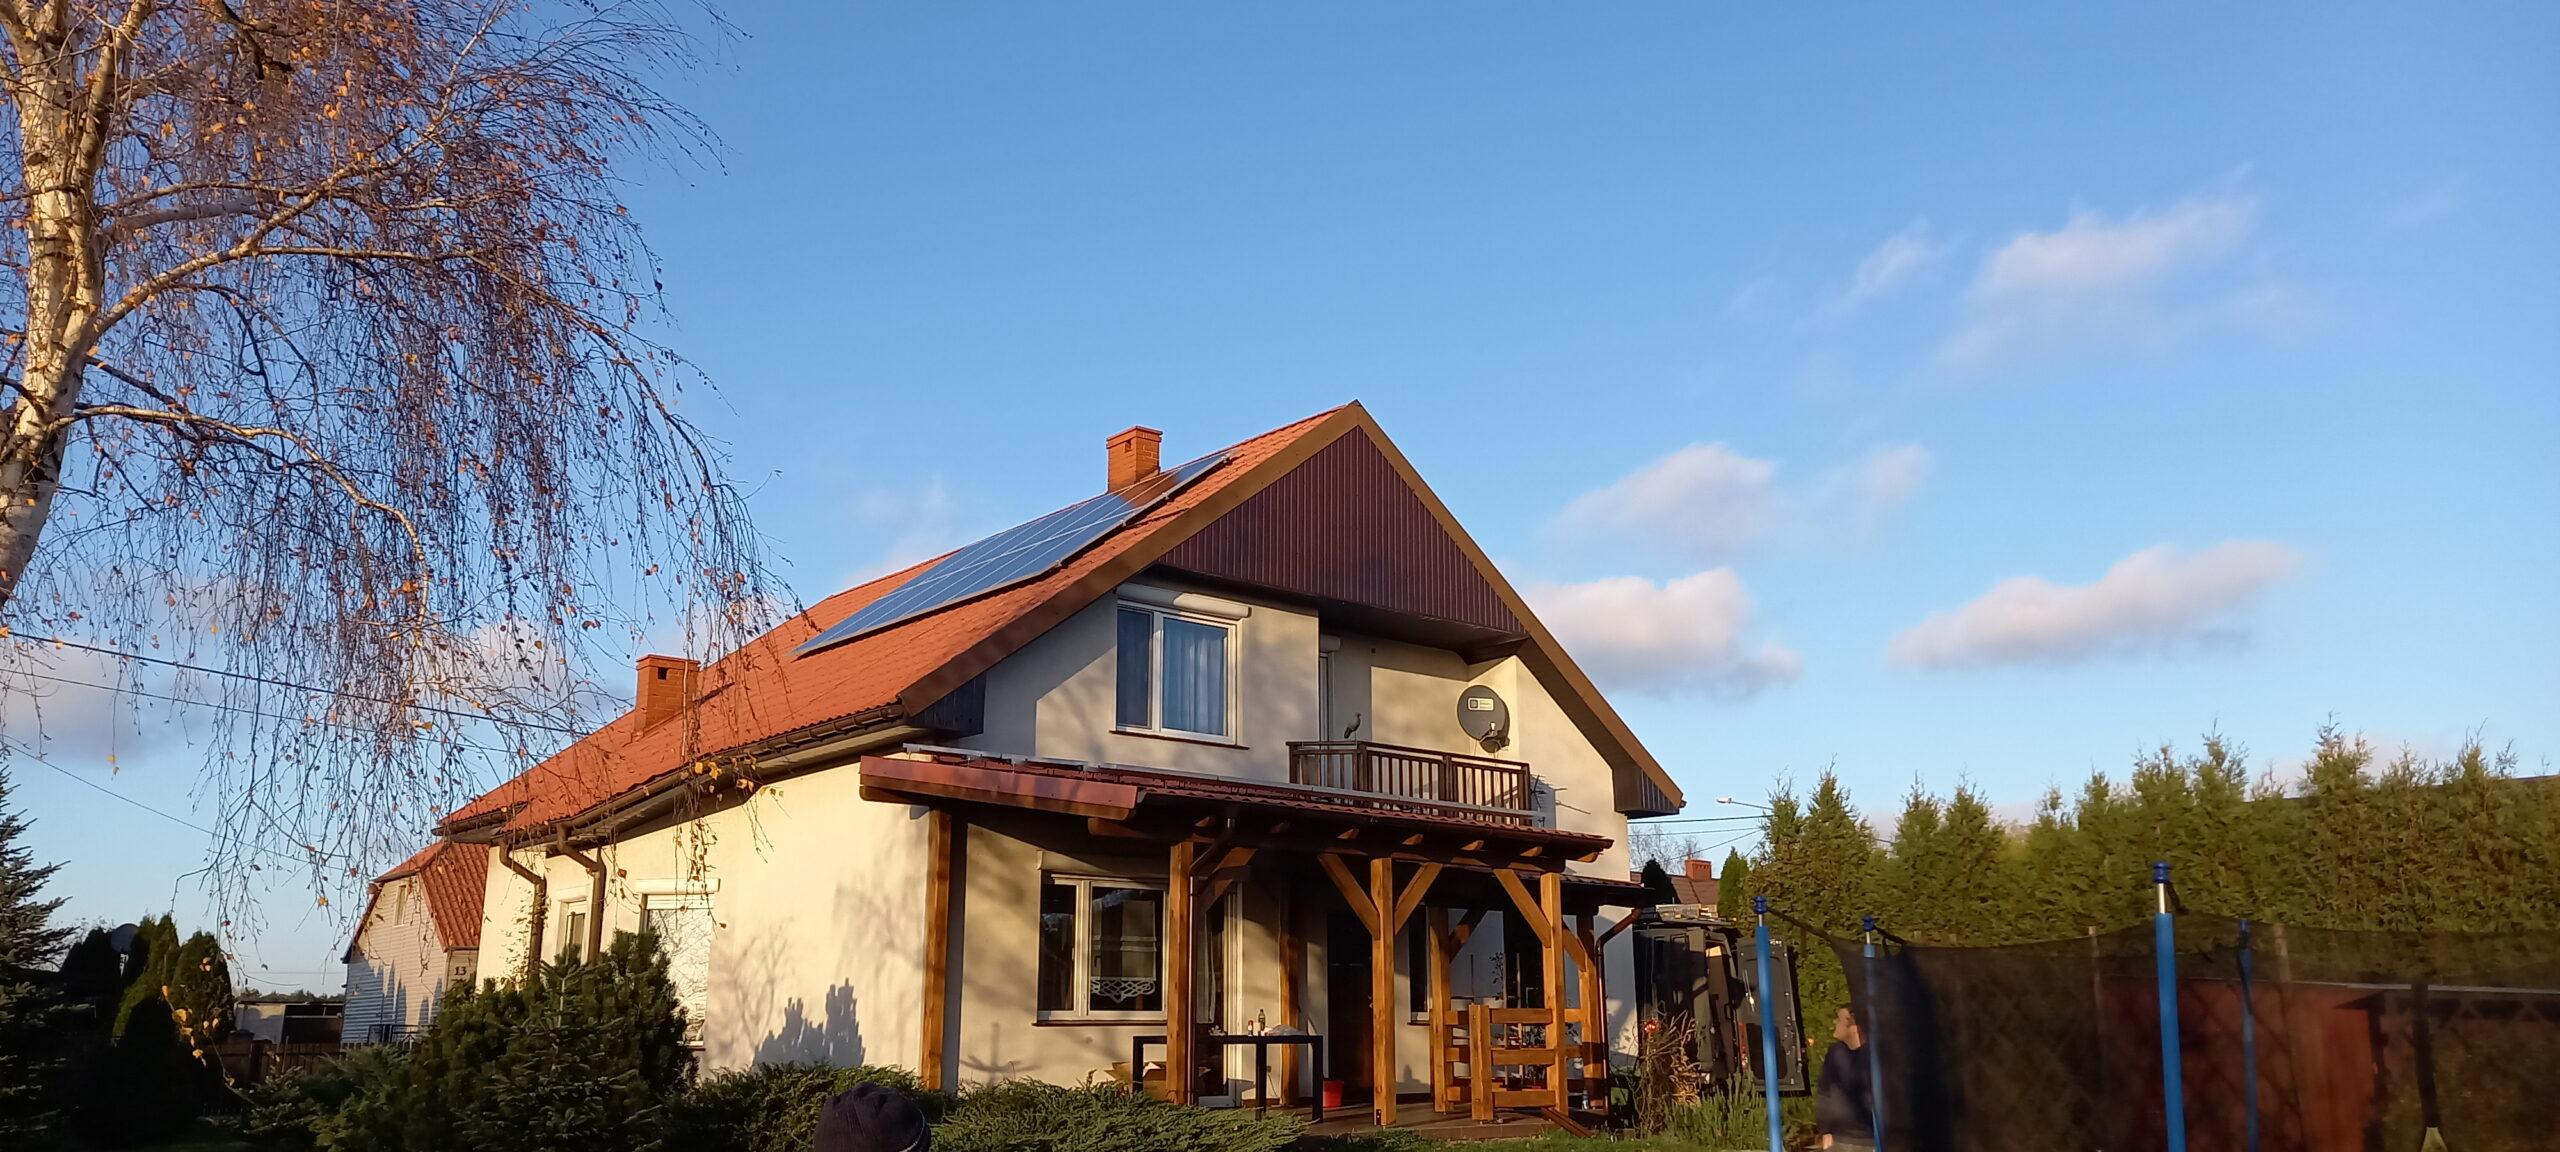 Wielkopolska, instalacja fotowoltaiczna 7,15 kWp